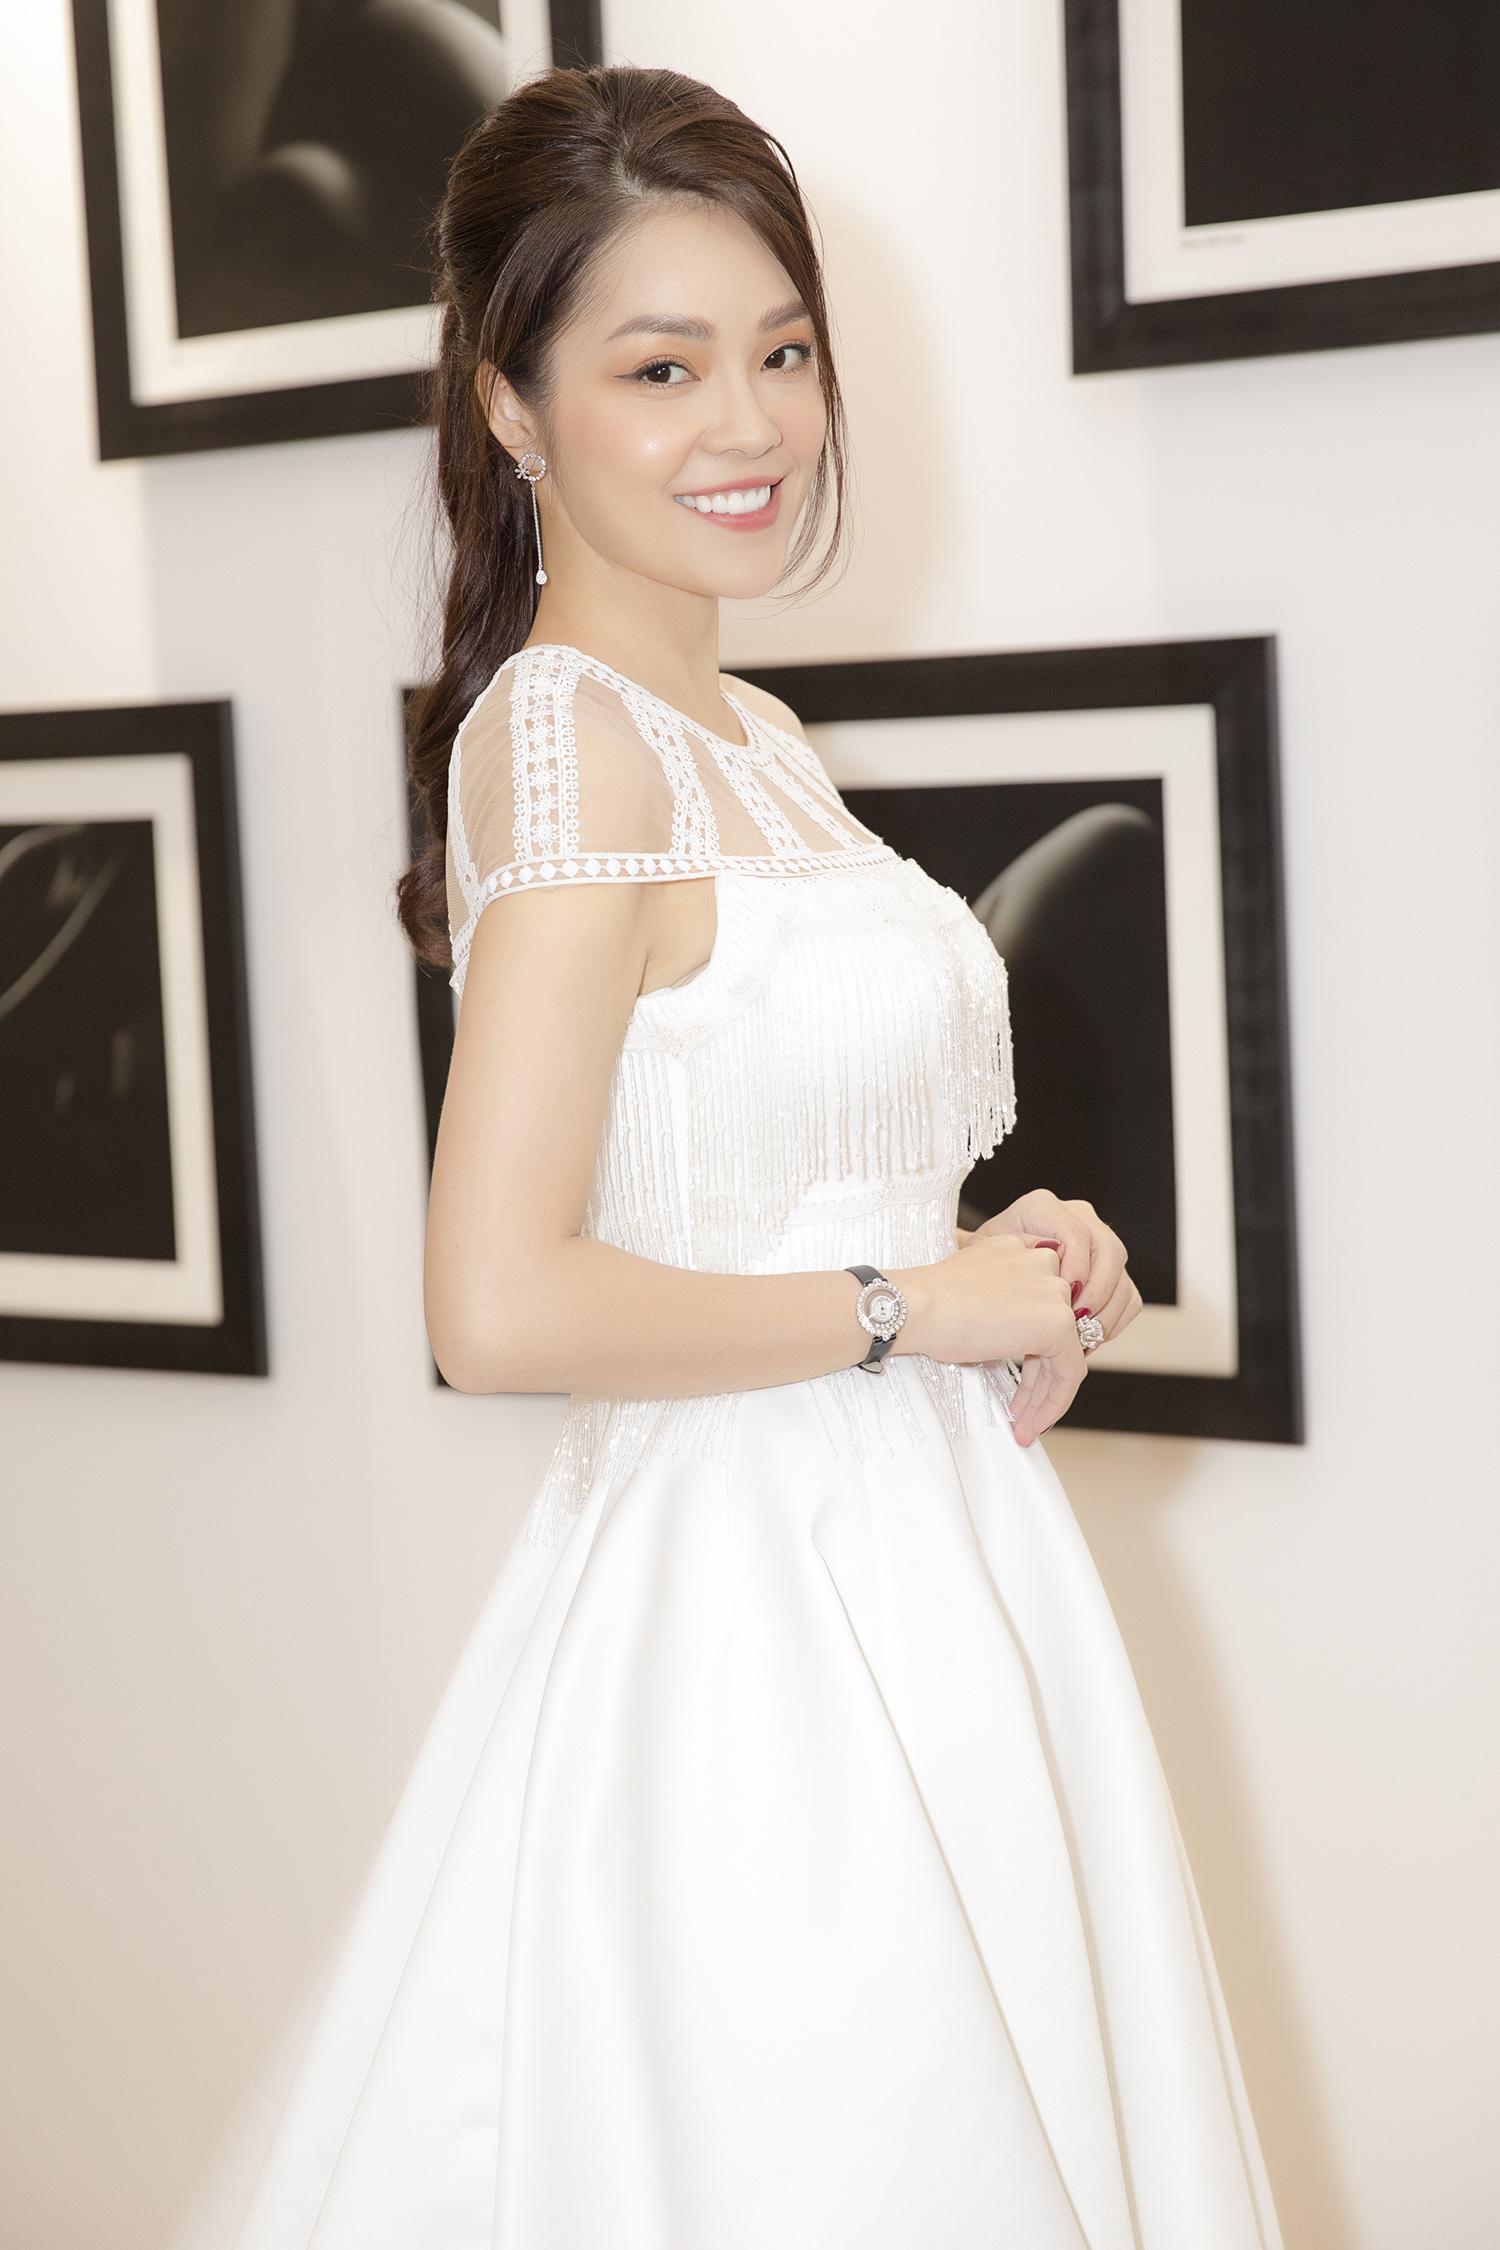 Dương Cẩm Lynh bất ngờ mặc váy cưới khiến khán giả tò mò Ảnh 1